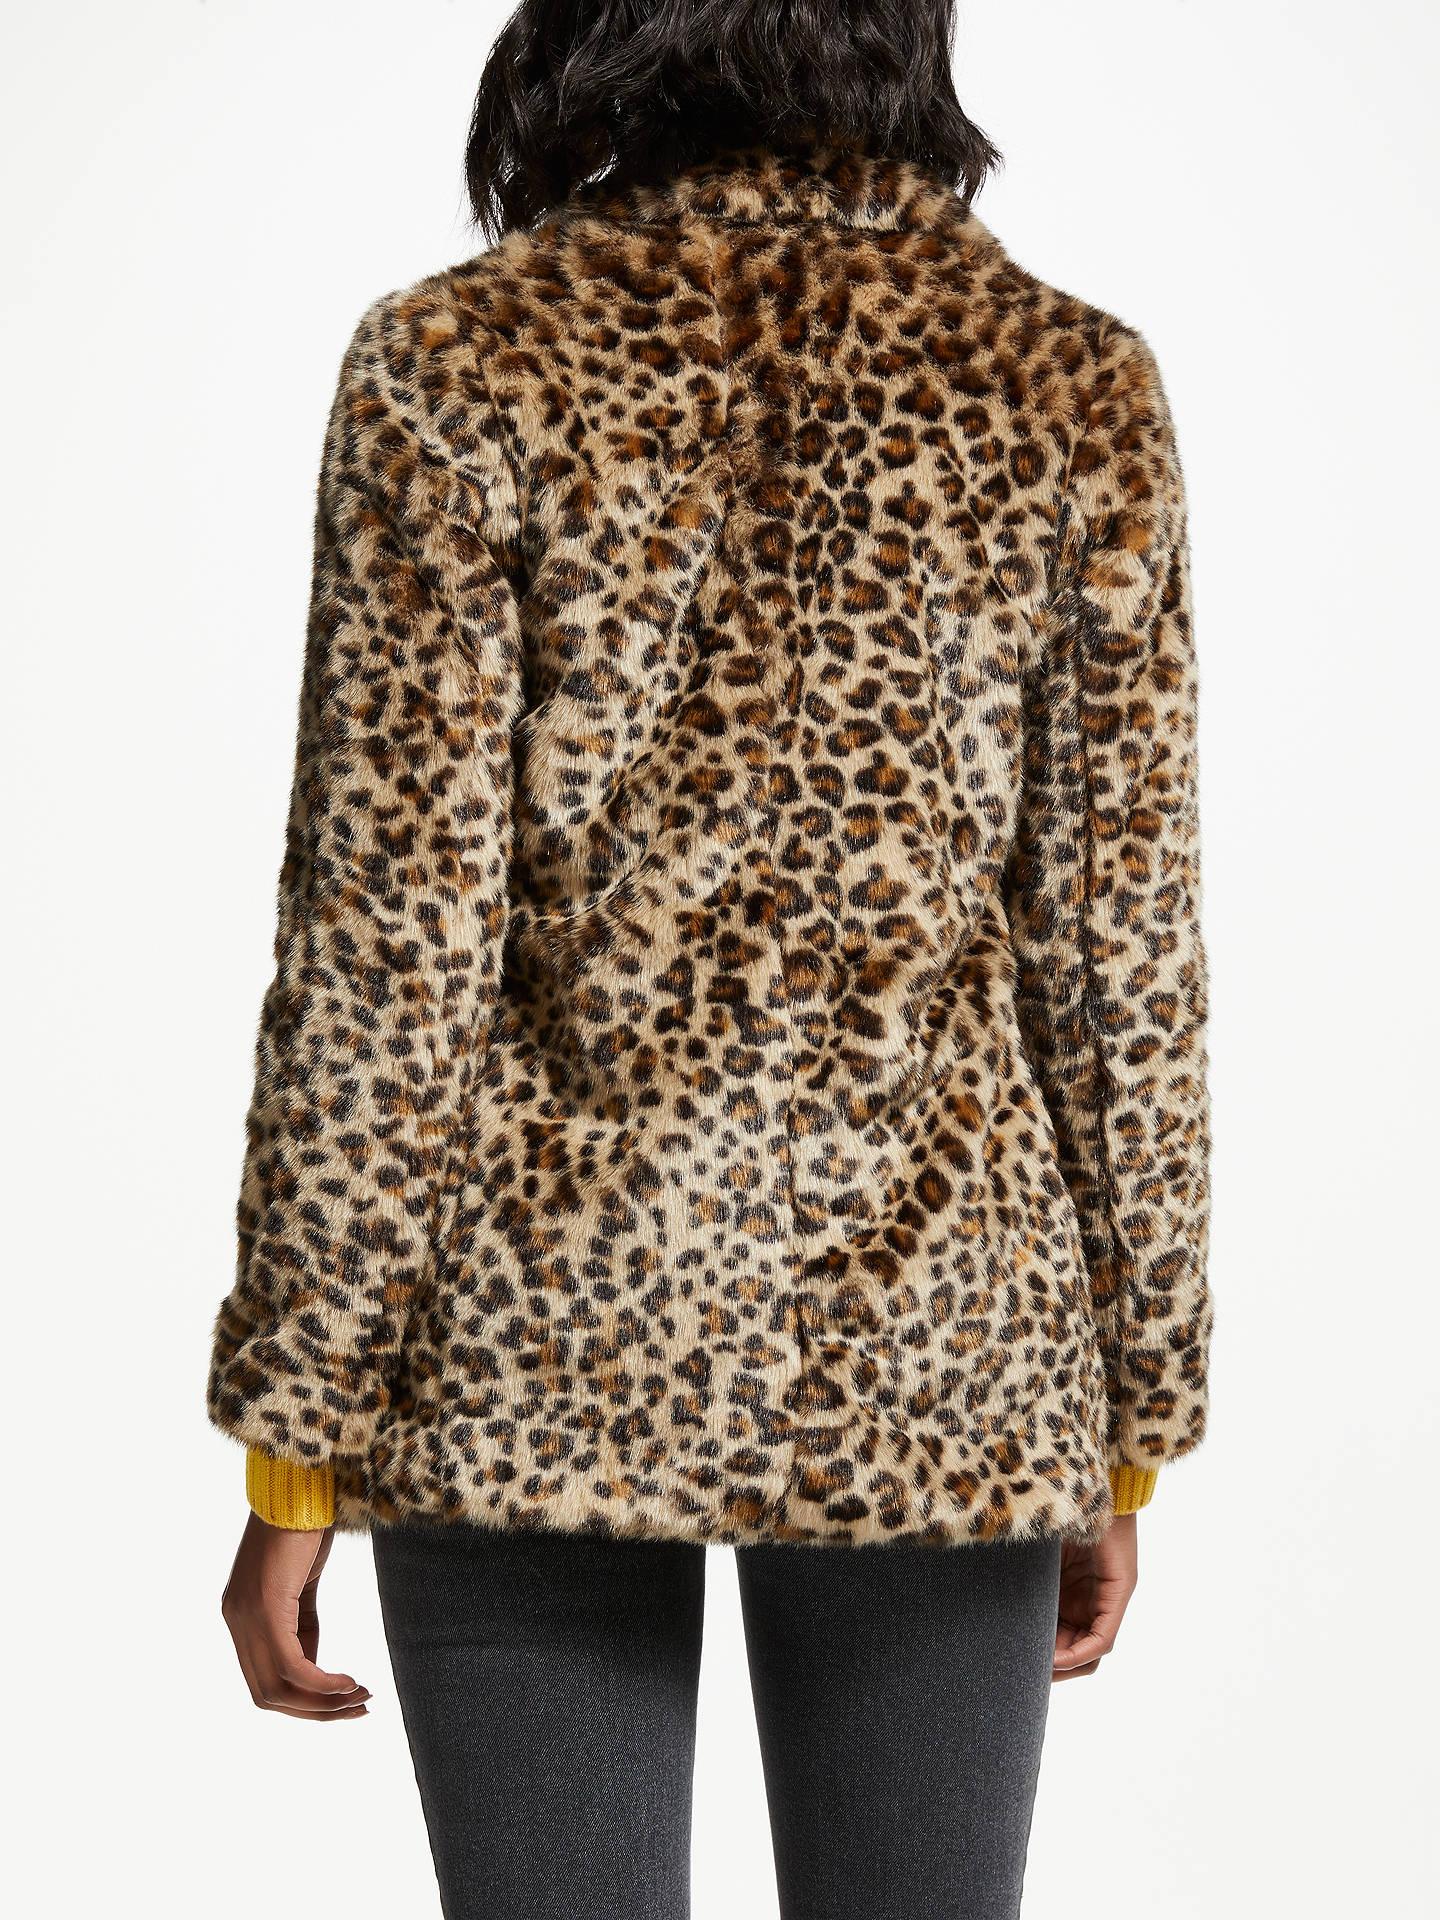 Boden Boxgrove Faux Fur Coat Leopard Faux Fur At John Lewis Partners